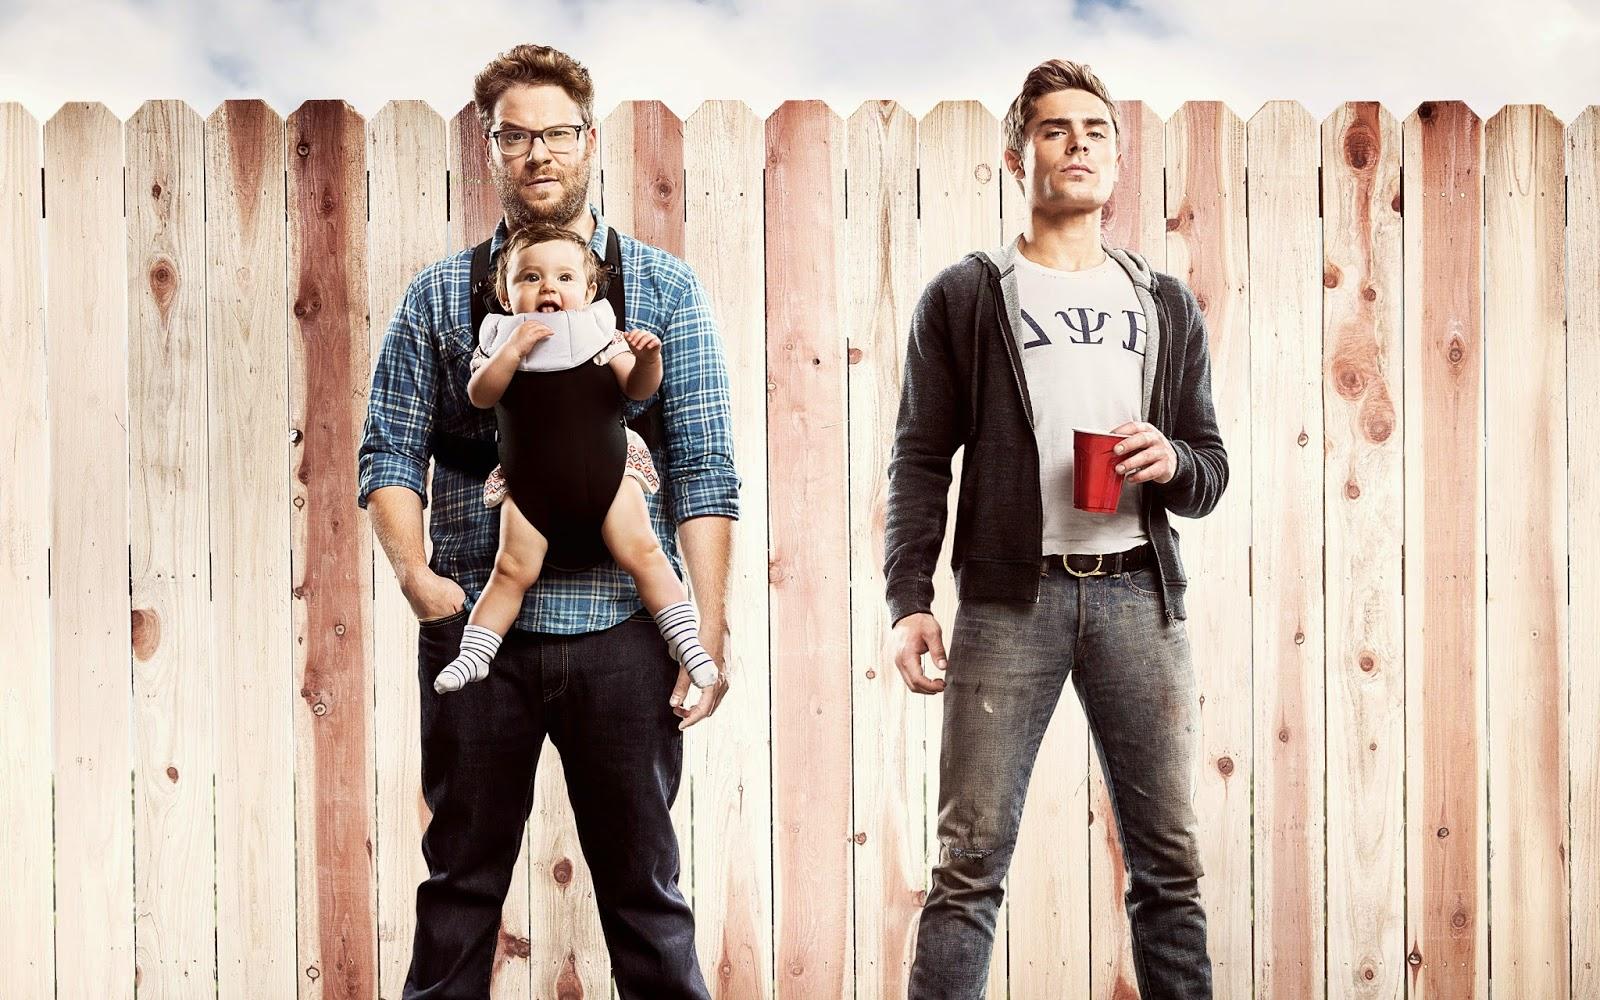 Neighbors movie review